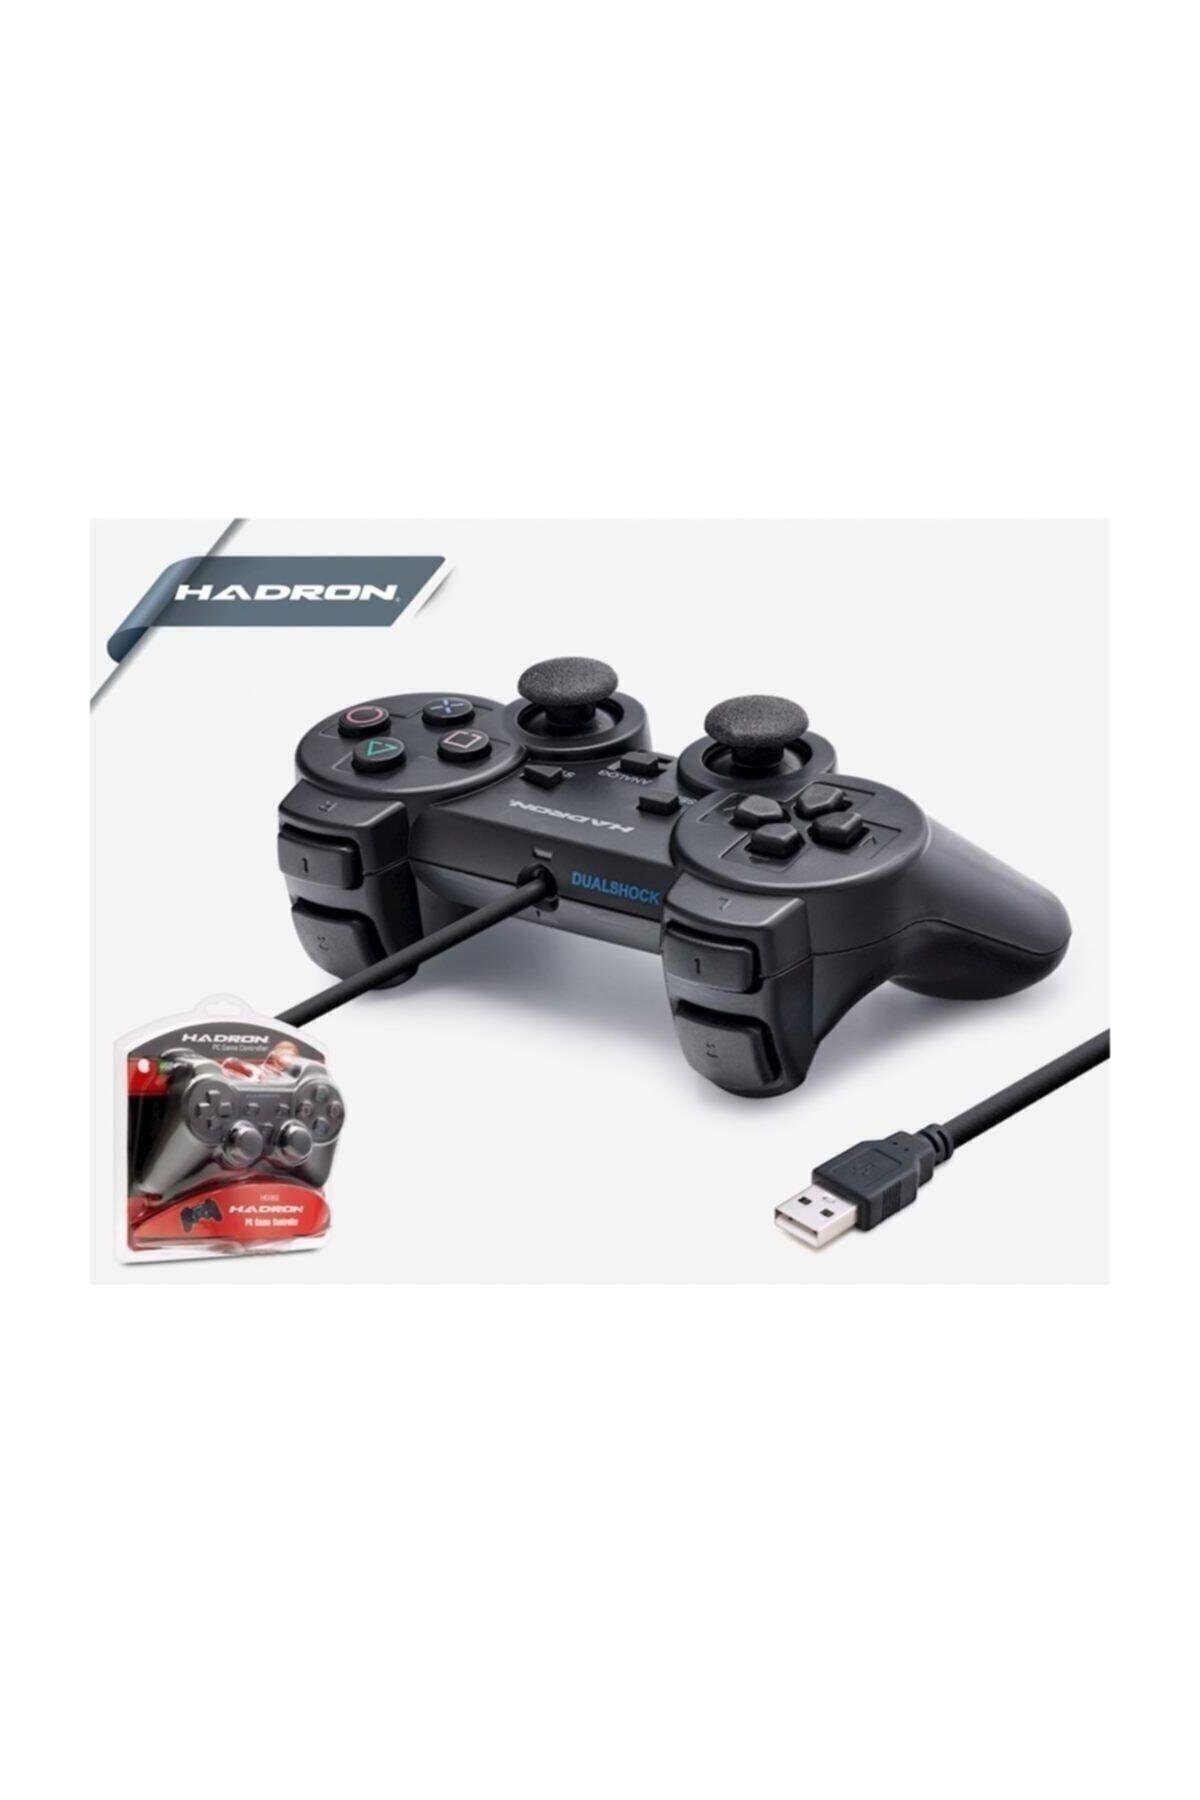 HADRON Hd302 Bilgisayar Pc Usb Oyun Kolu Gamepad Analog Titreşim 1